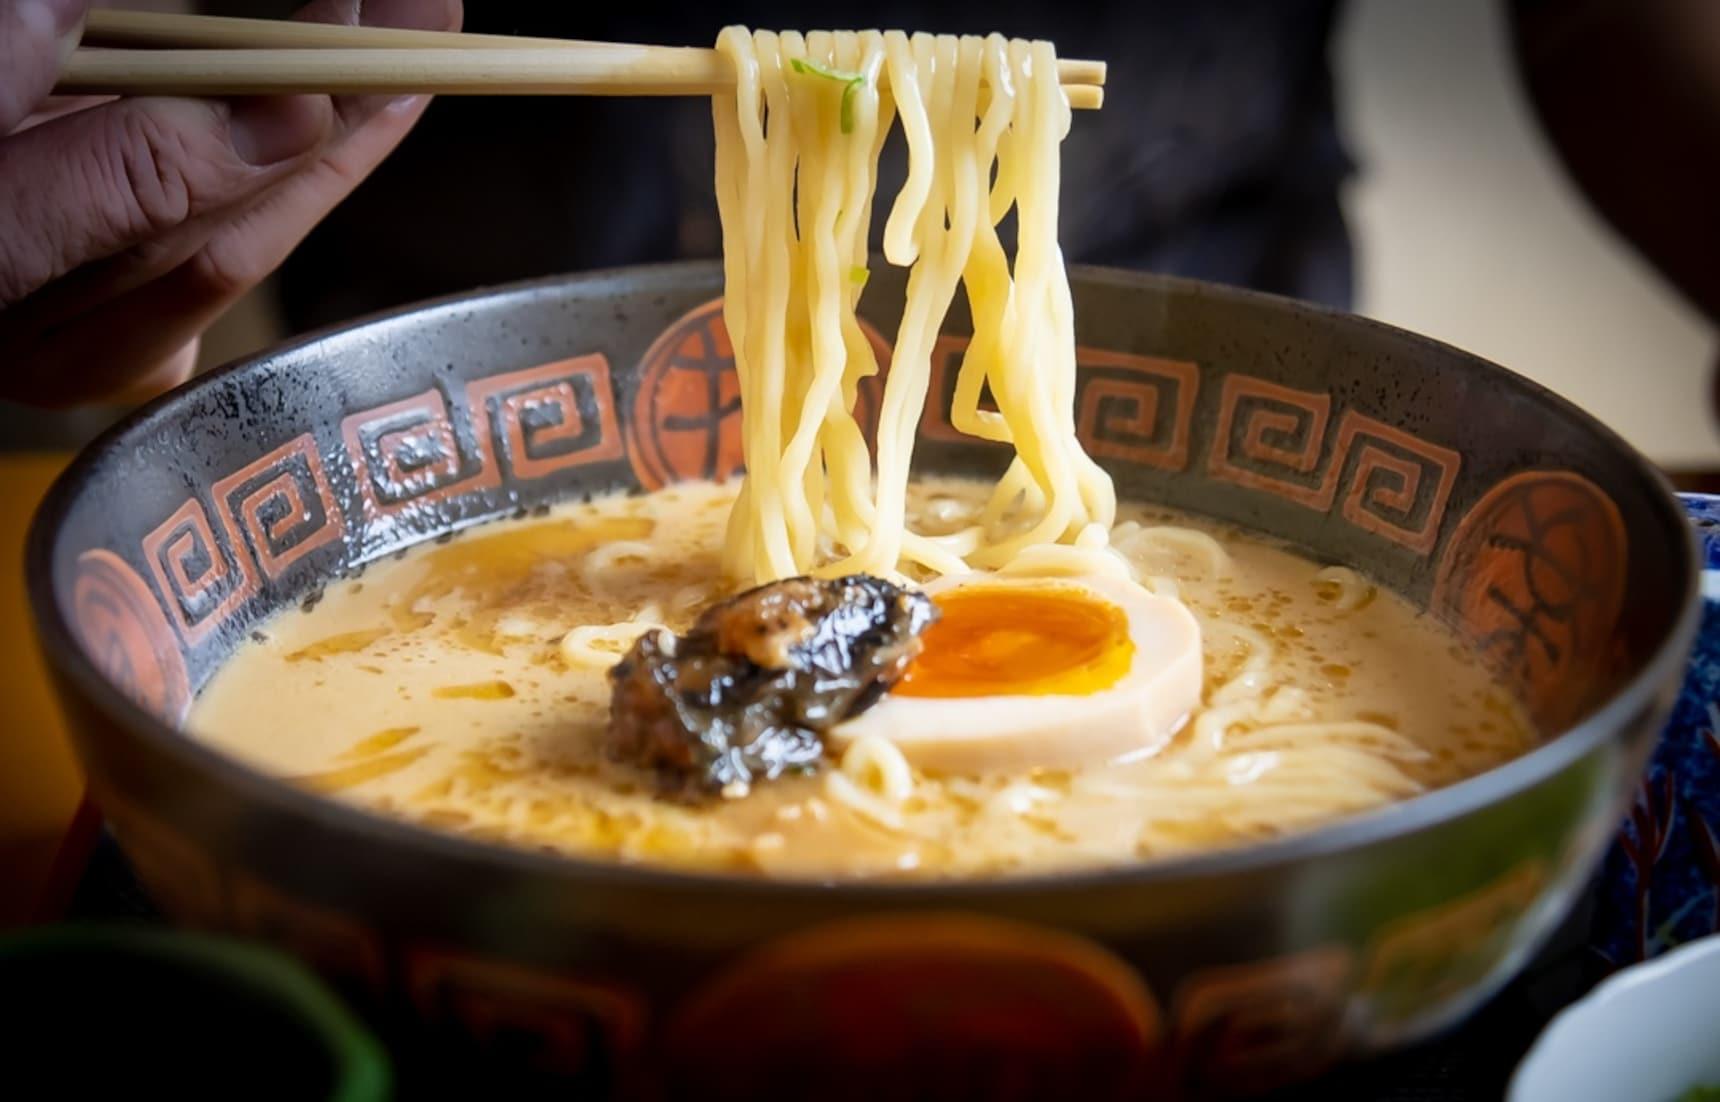 【食在東京】百分百的鰻魚拉麵!樂於不斷突破框架的鰻魚店「八兵衛」